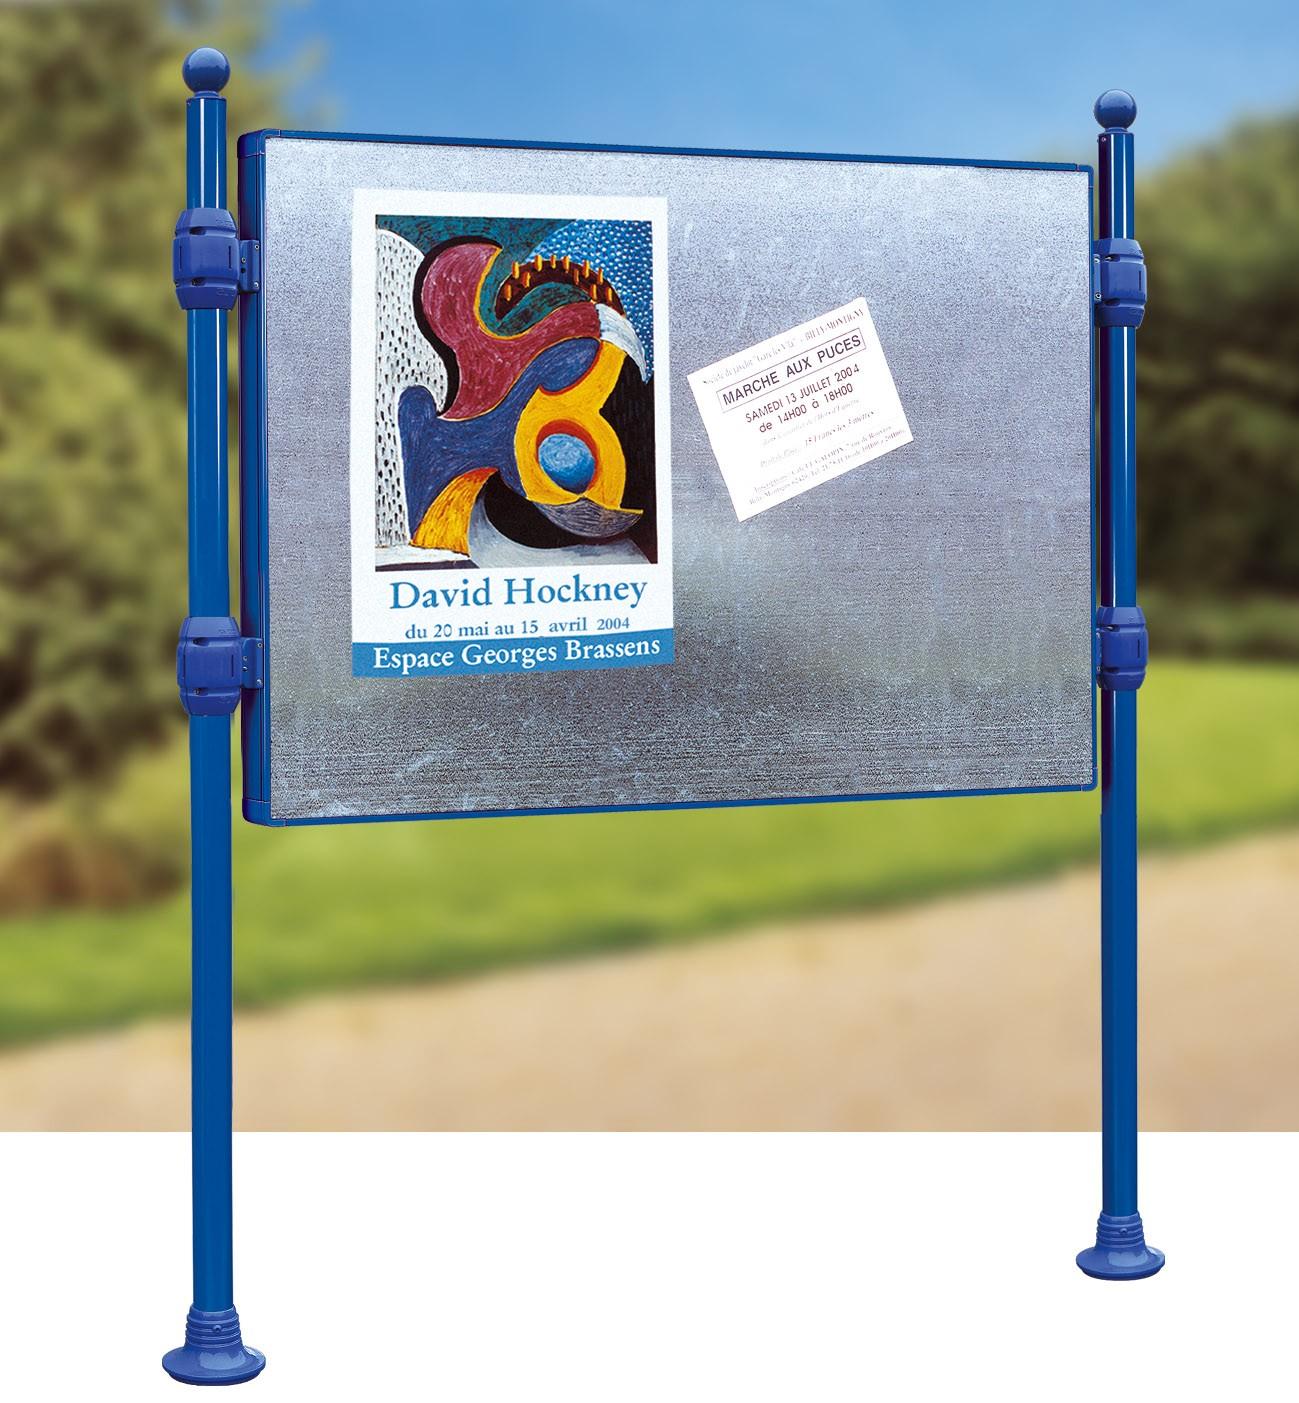 Tableau D Affichage Vitré panneaux d'affichage libre